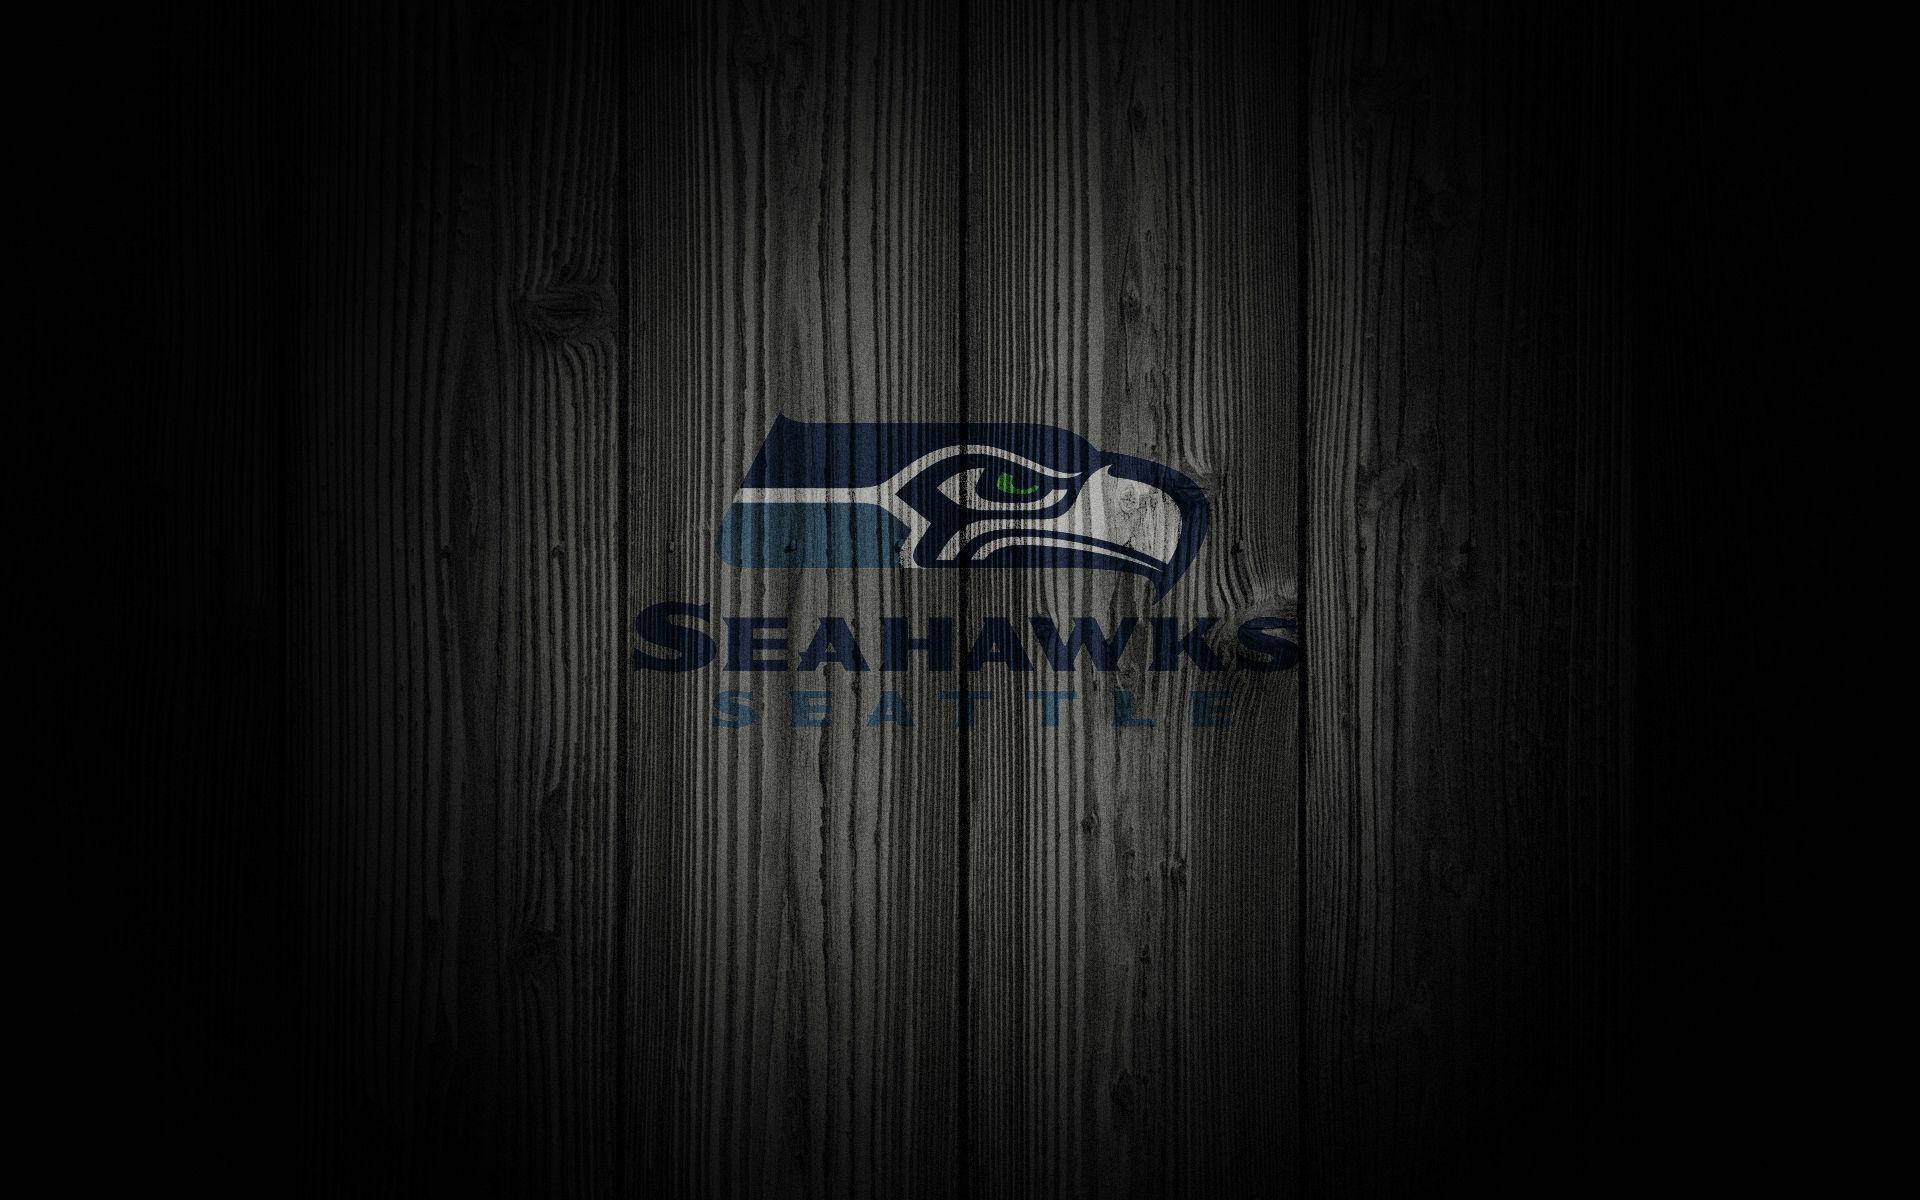 2015 seahawks wallpaper wallpapersafari